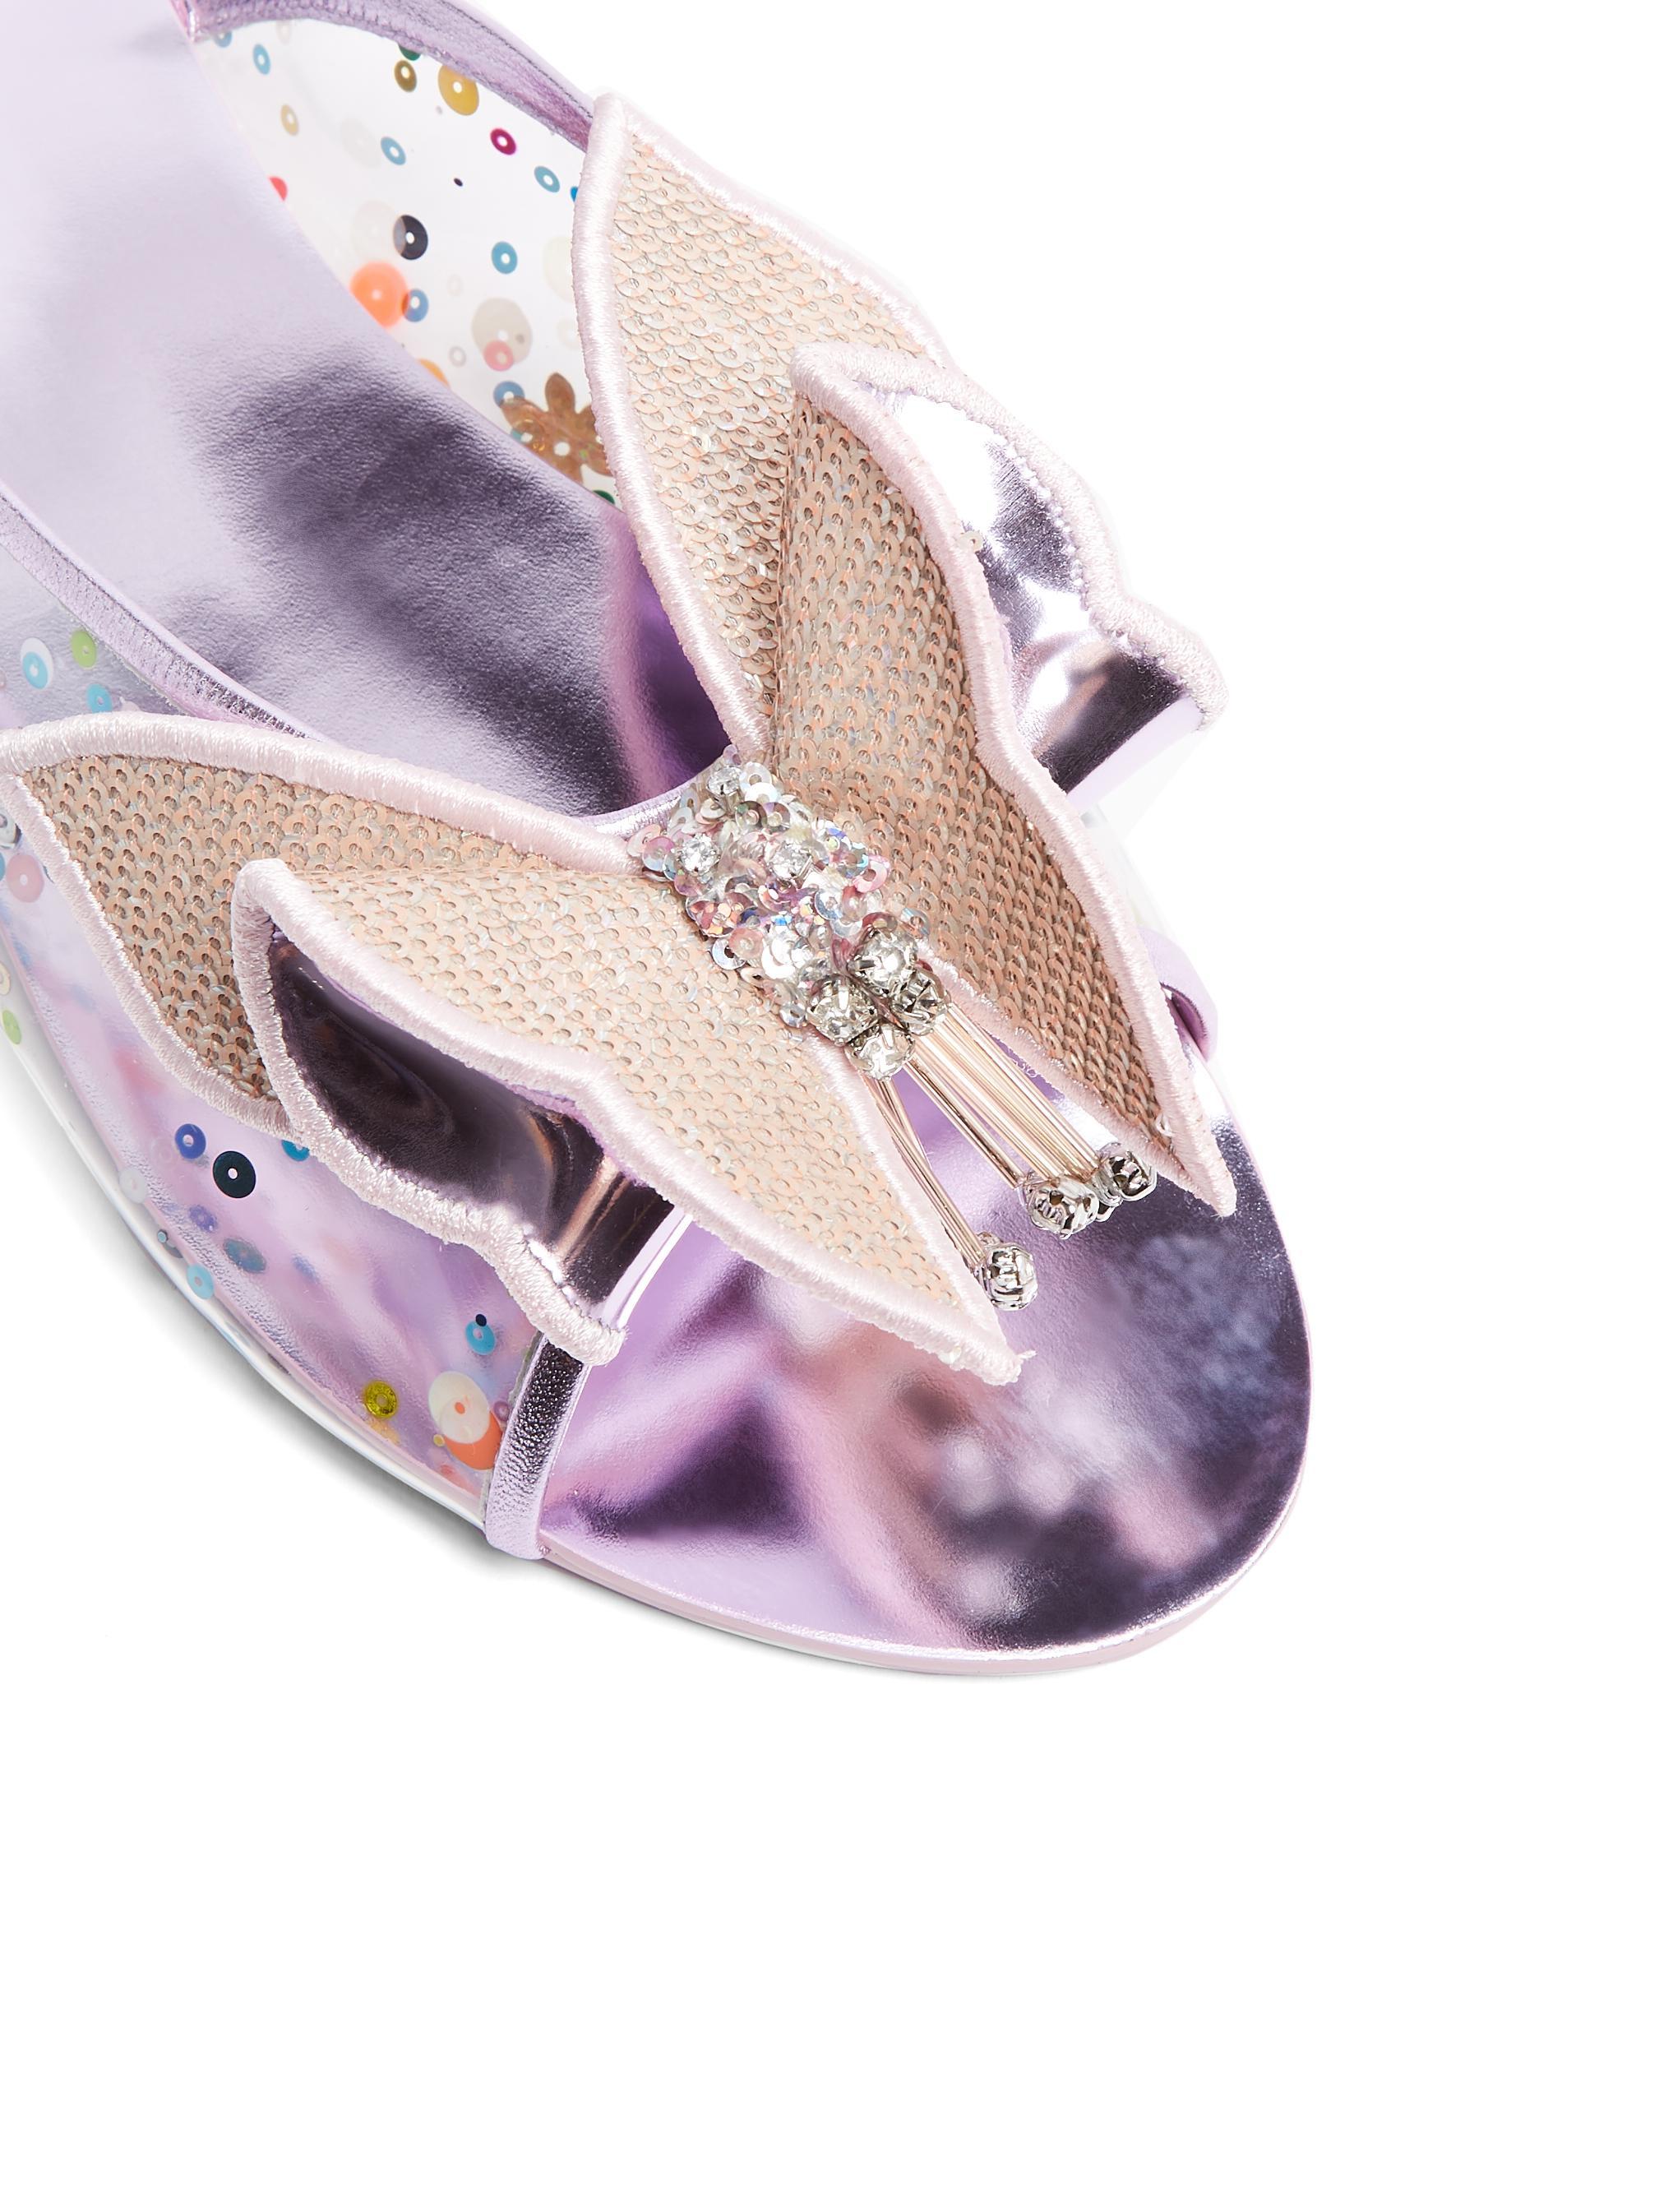 96bcf20b2f74 Sophia Webster Lana Sequin-embellished Slides - Lyst